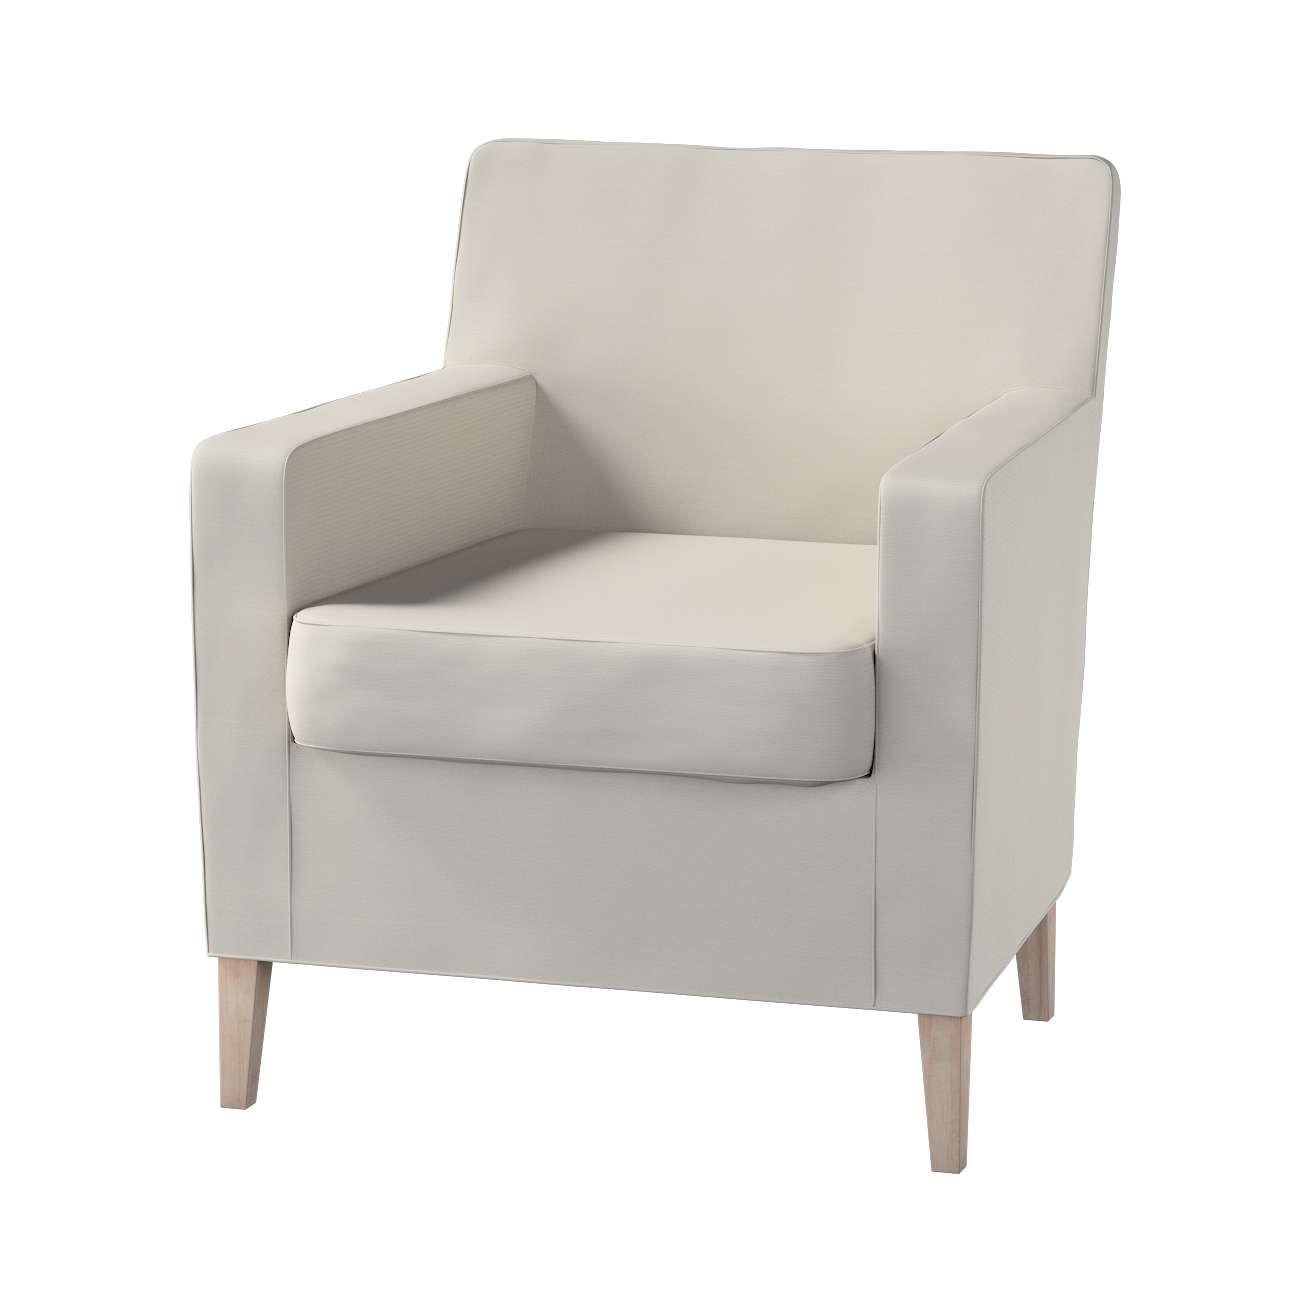 Pokrowiec na fotel Karlstad Fotel  Karlstad w kolekcji Cotton Panama, tkanina: 702-31